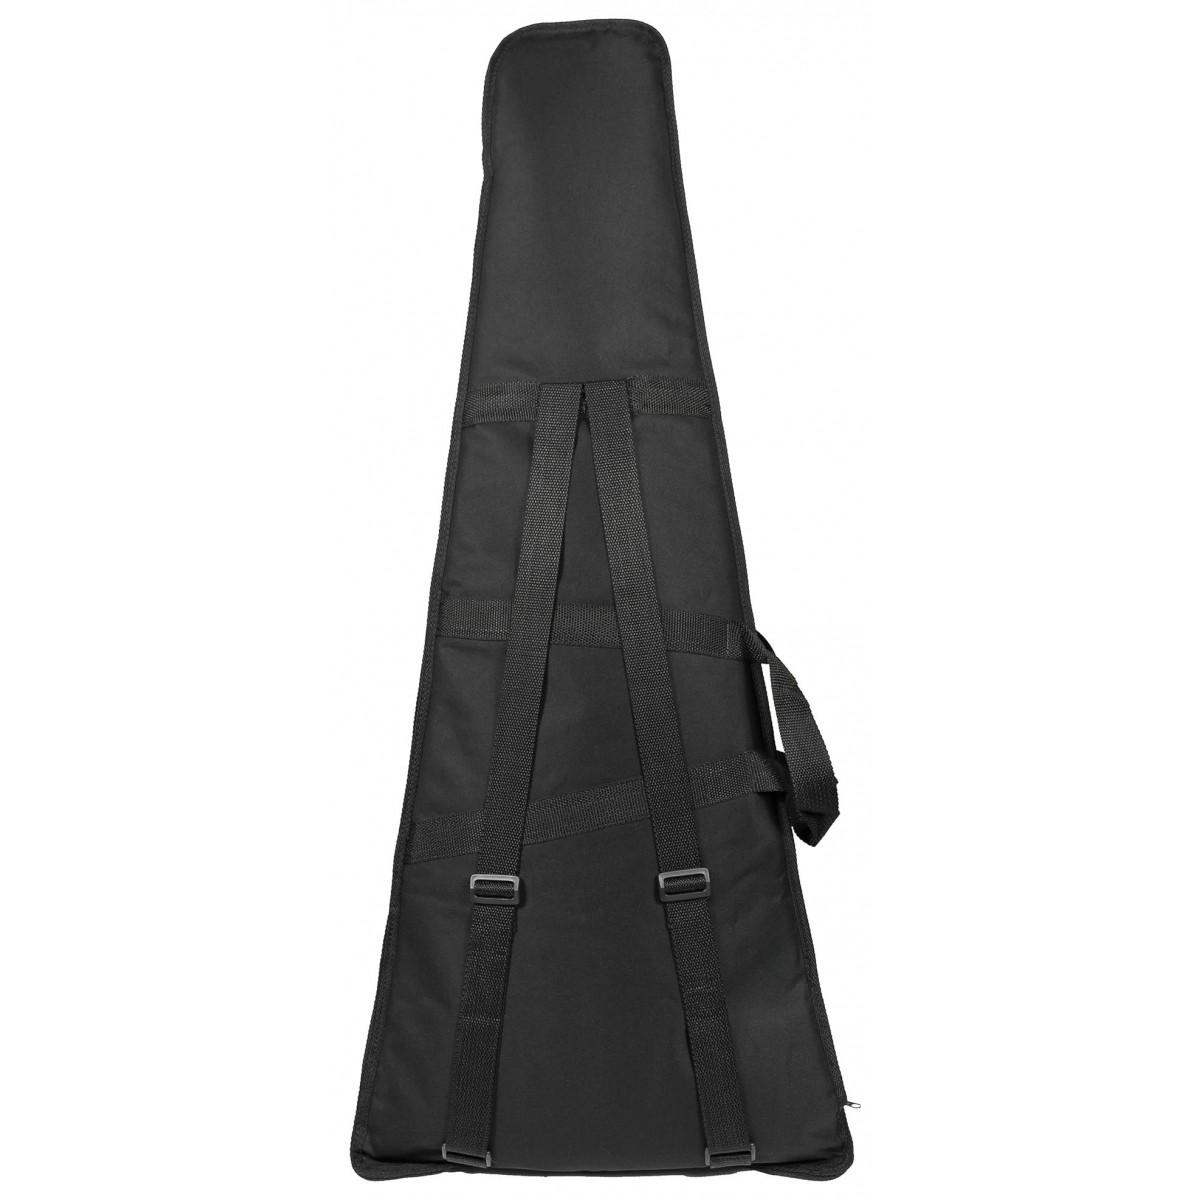 Capa Guitarra Soft Case Start Almofadada - Vermelho